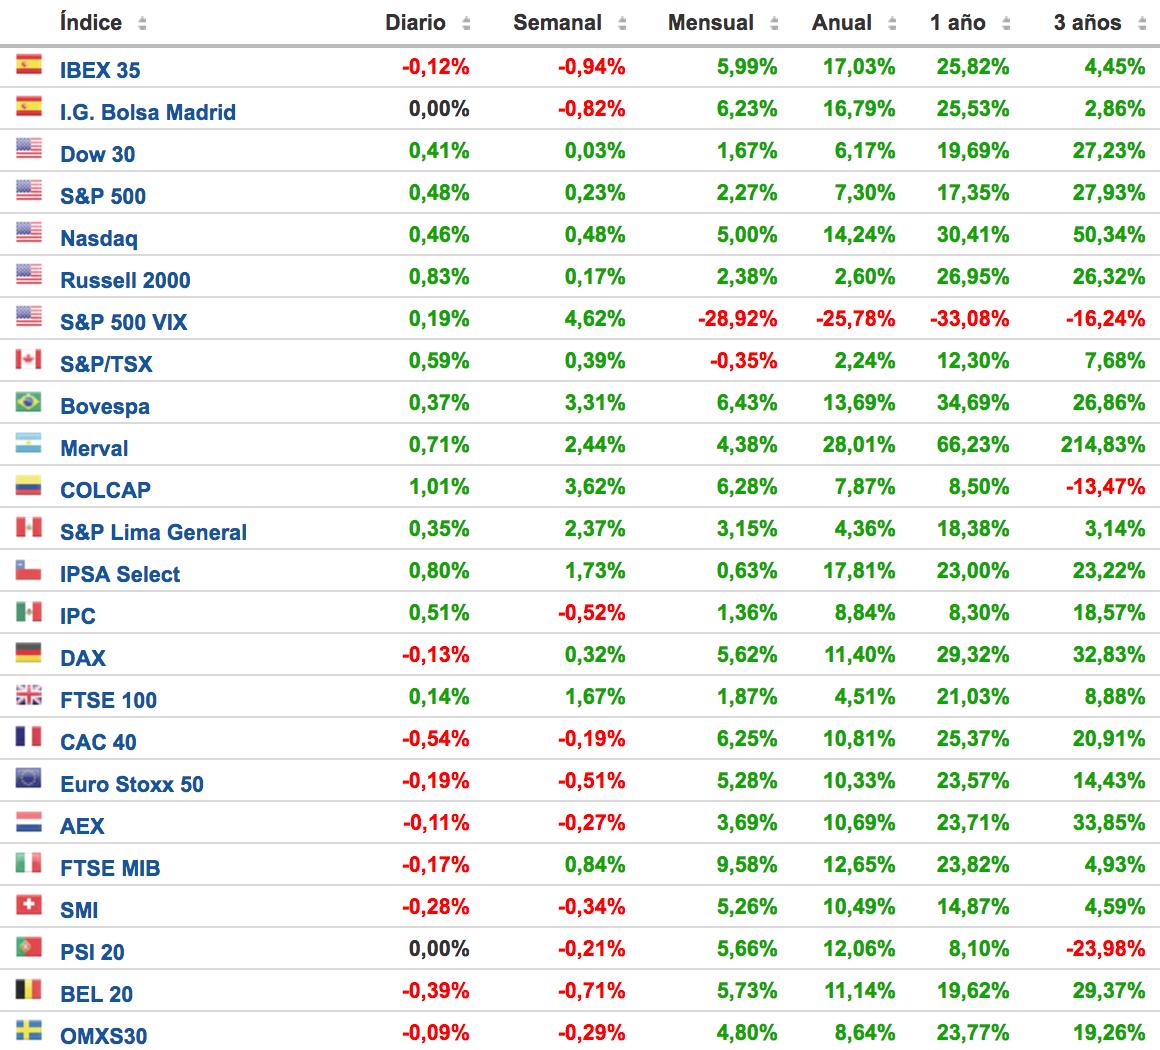 rentabilidad de los principales índices bursátiles Altair Finance